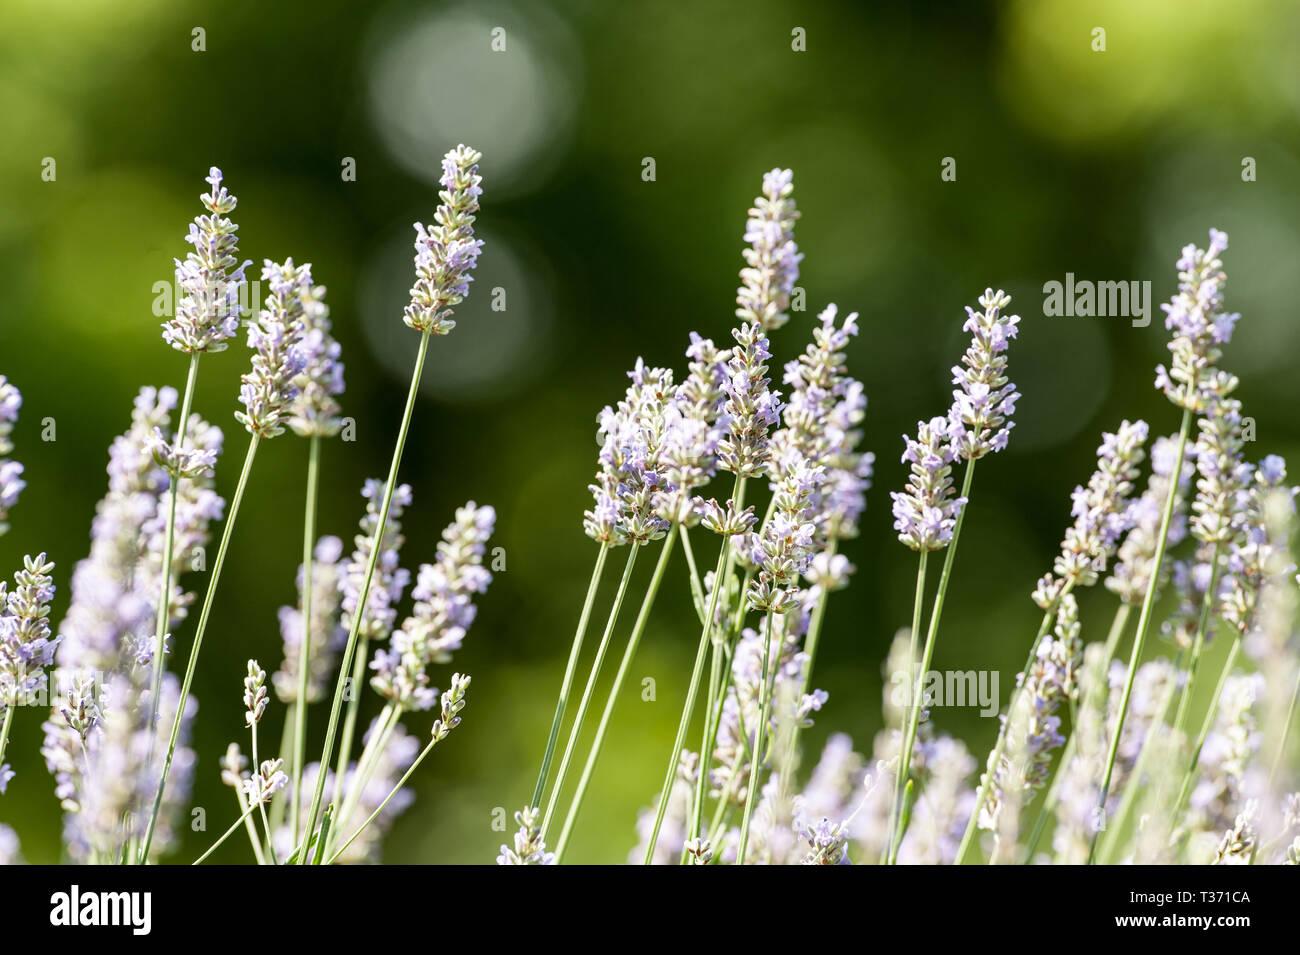 Lavender in bloom - Stock Image